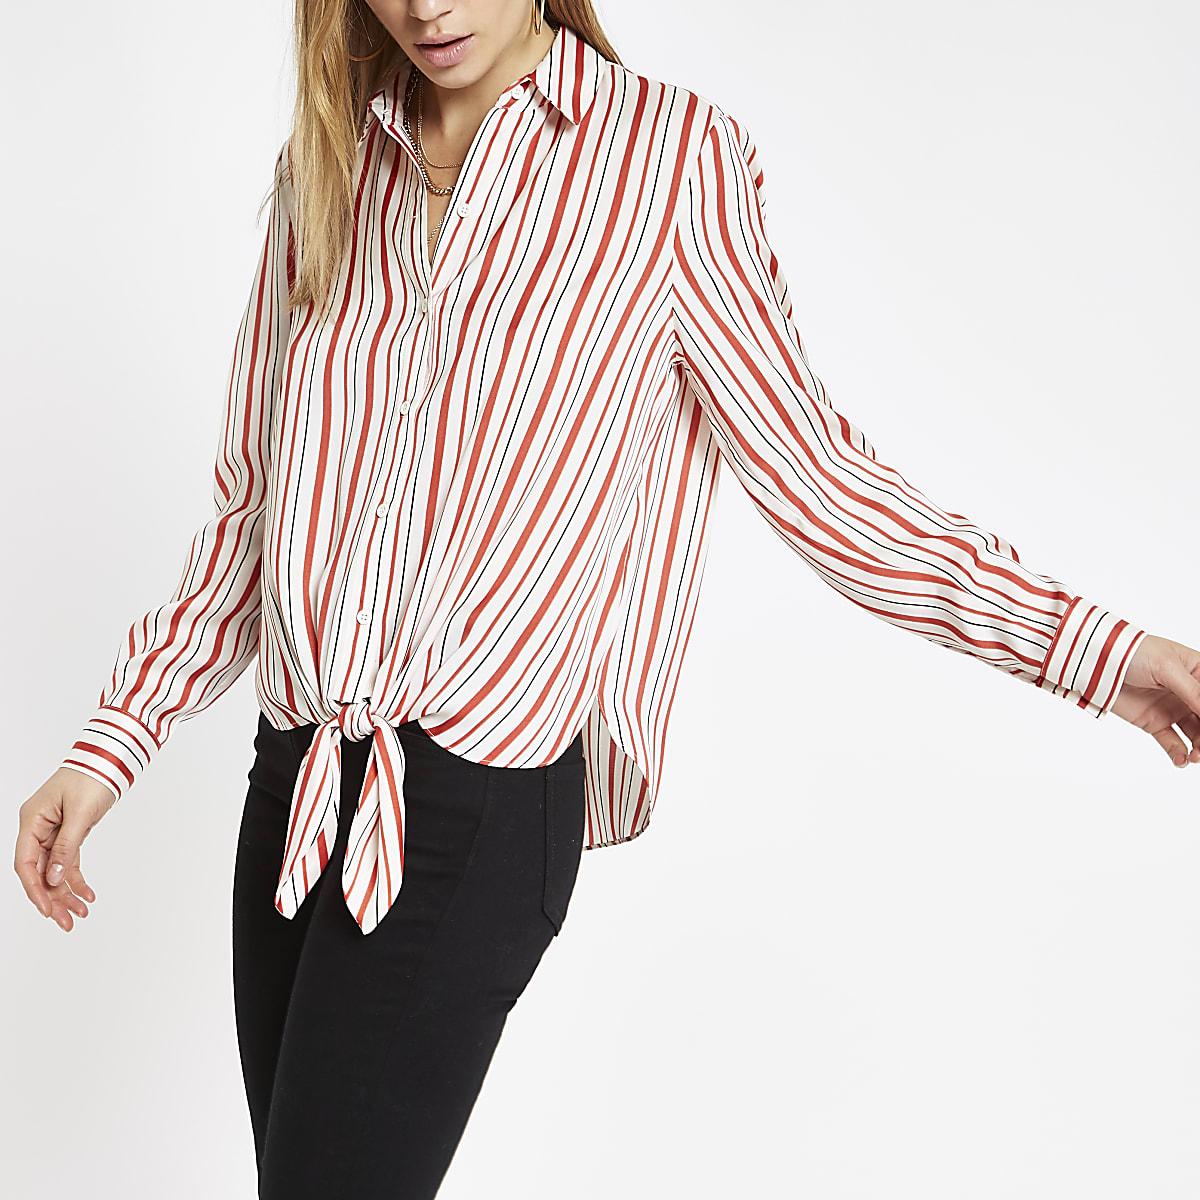 Rood gestreept overhemd met strik voor